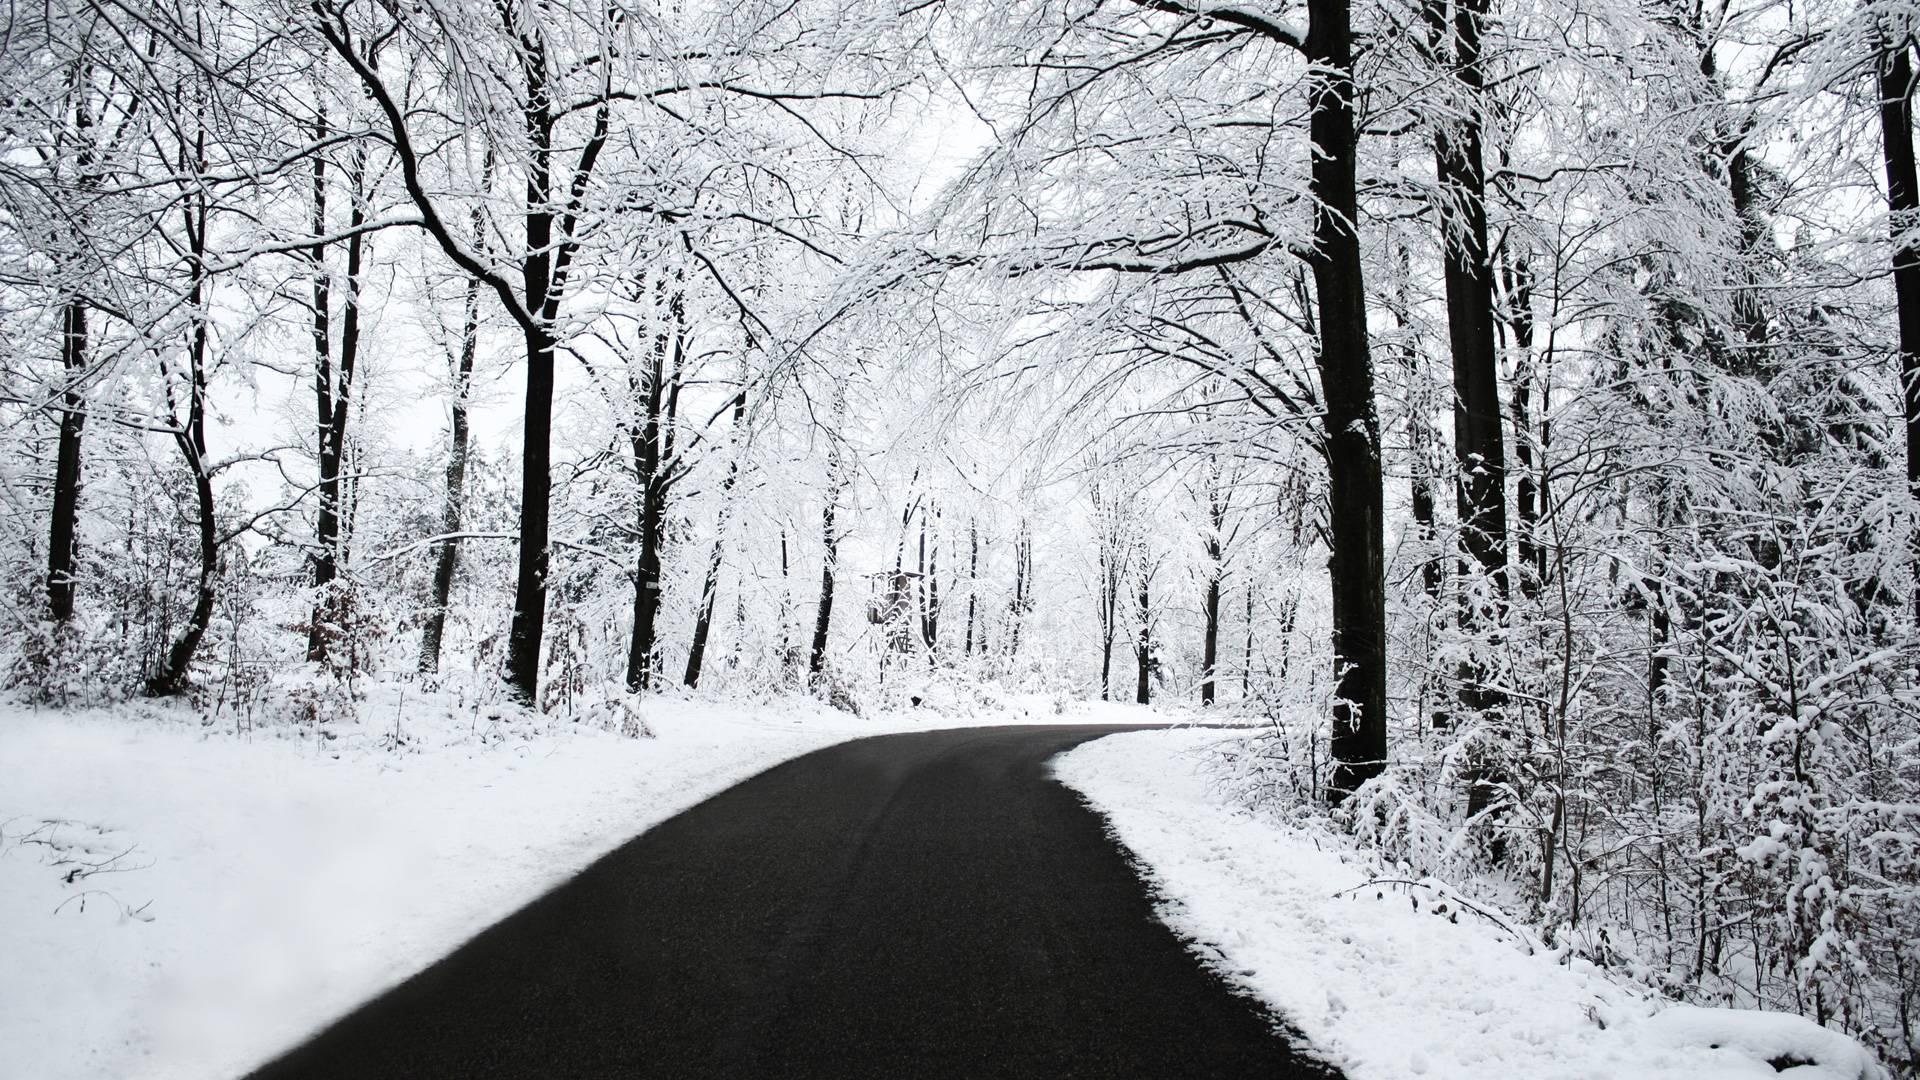 winter snow scenes wallpapers - wallpaper cave